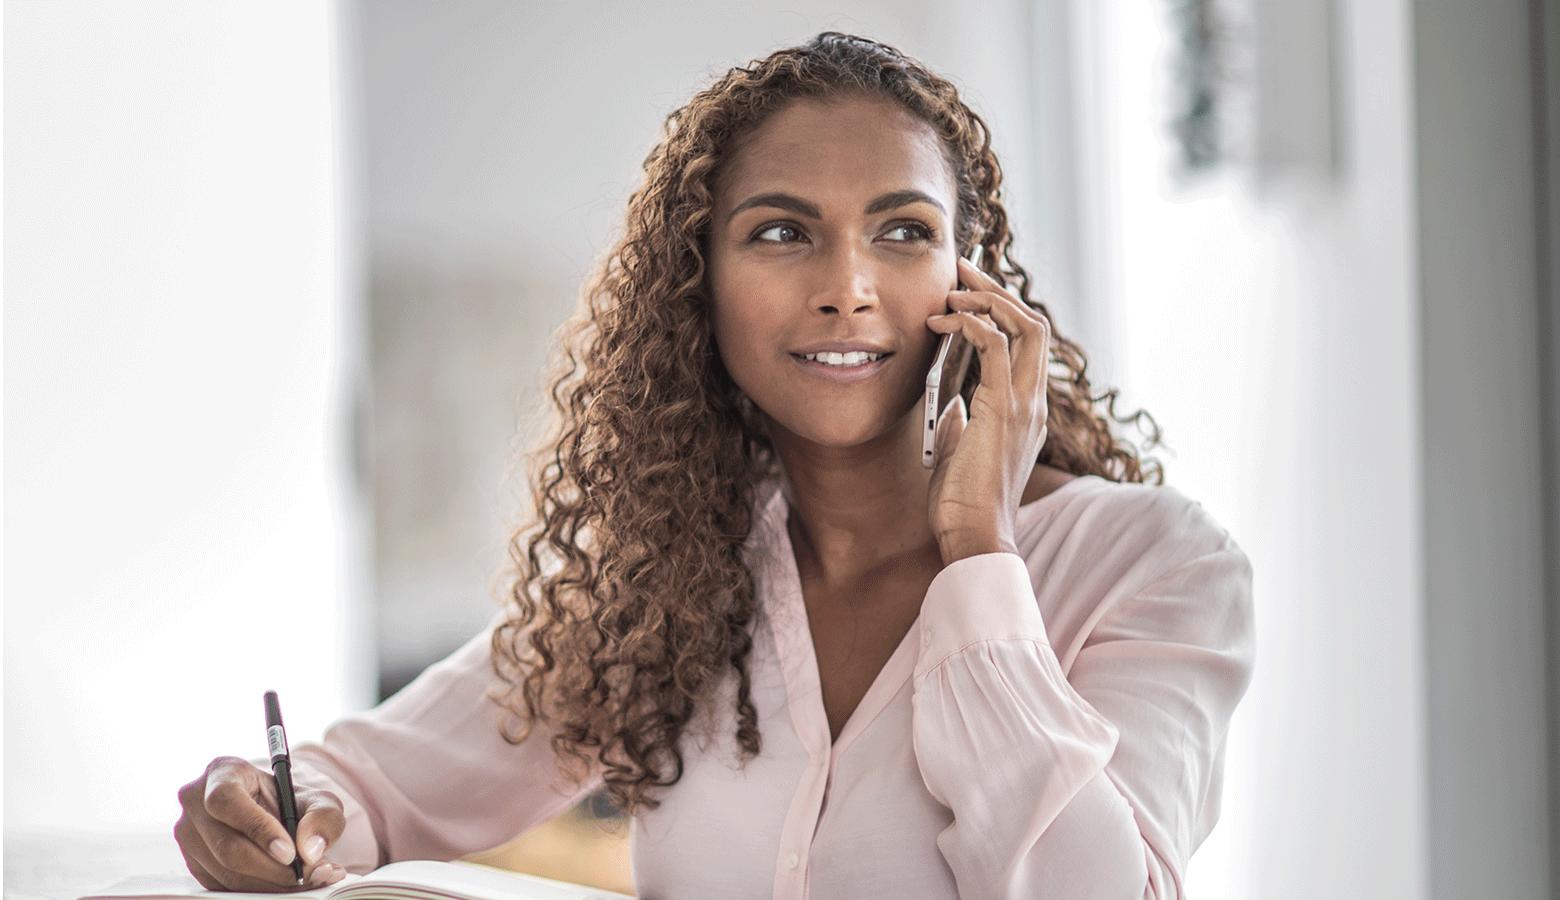 Long hair women on phone